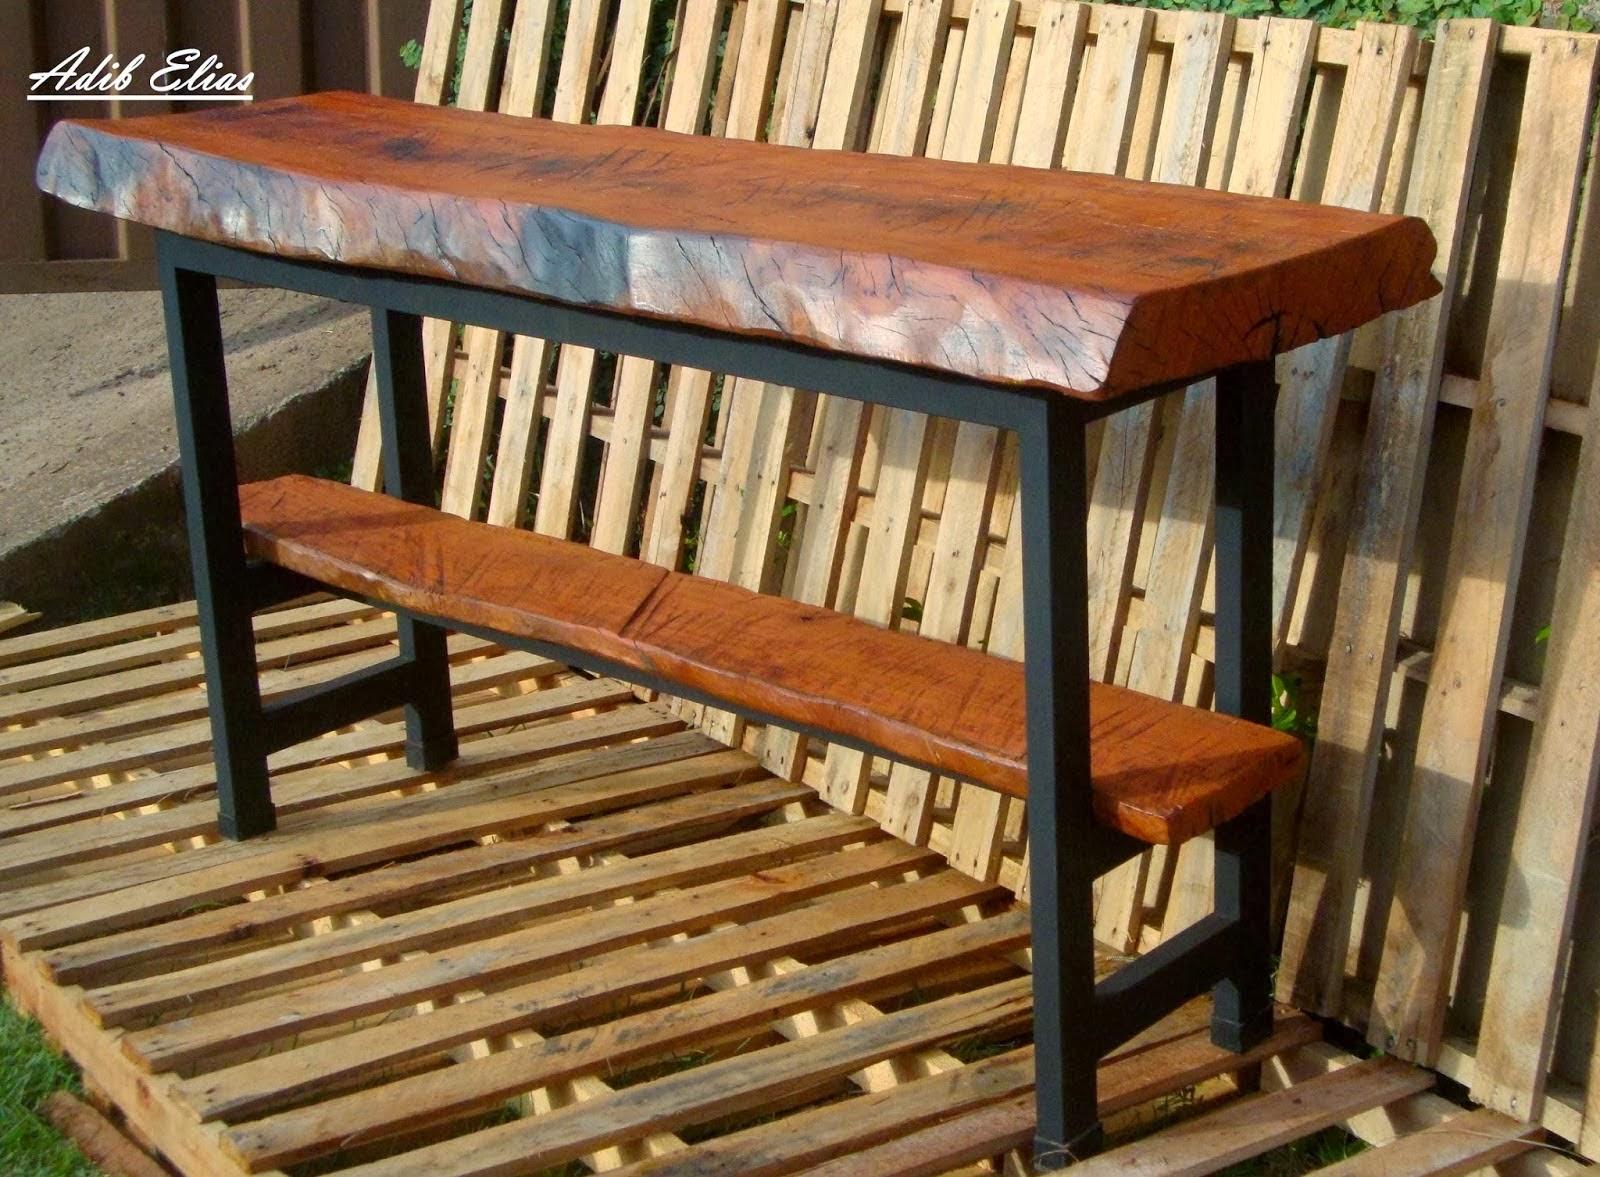 Aparador de madeira reciclada com base de pés de máquina de costura  #AD5319 1600x1177